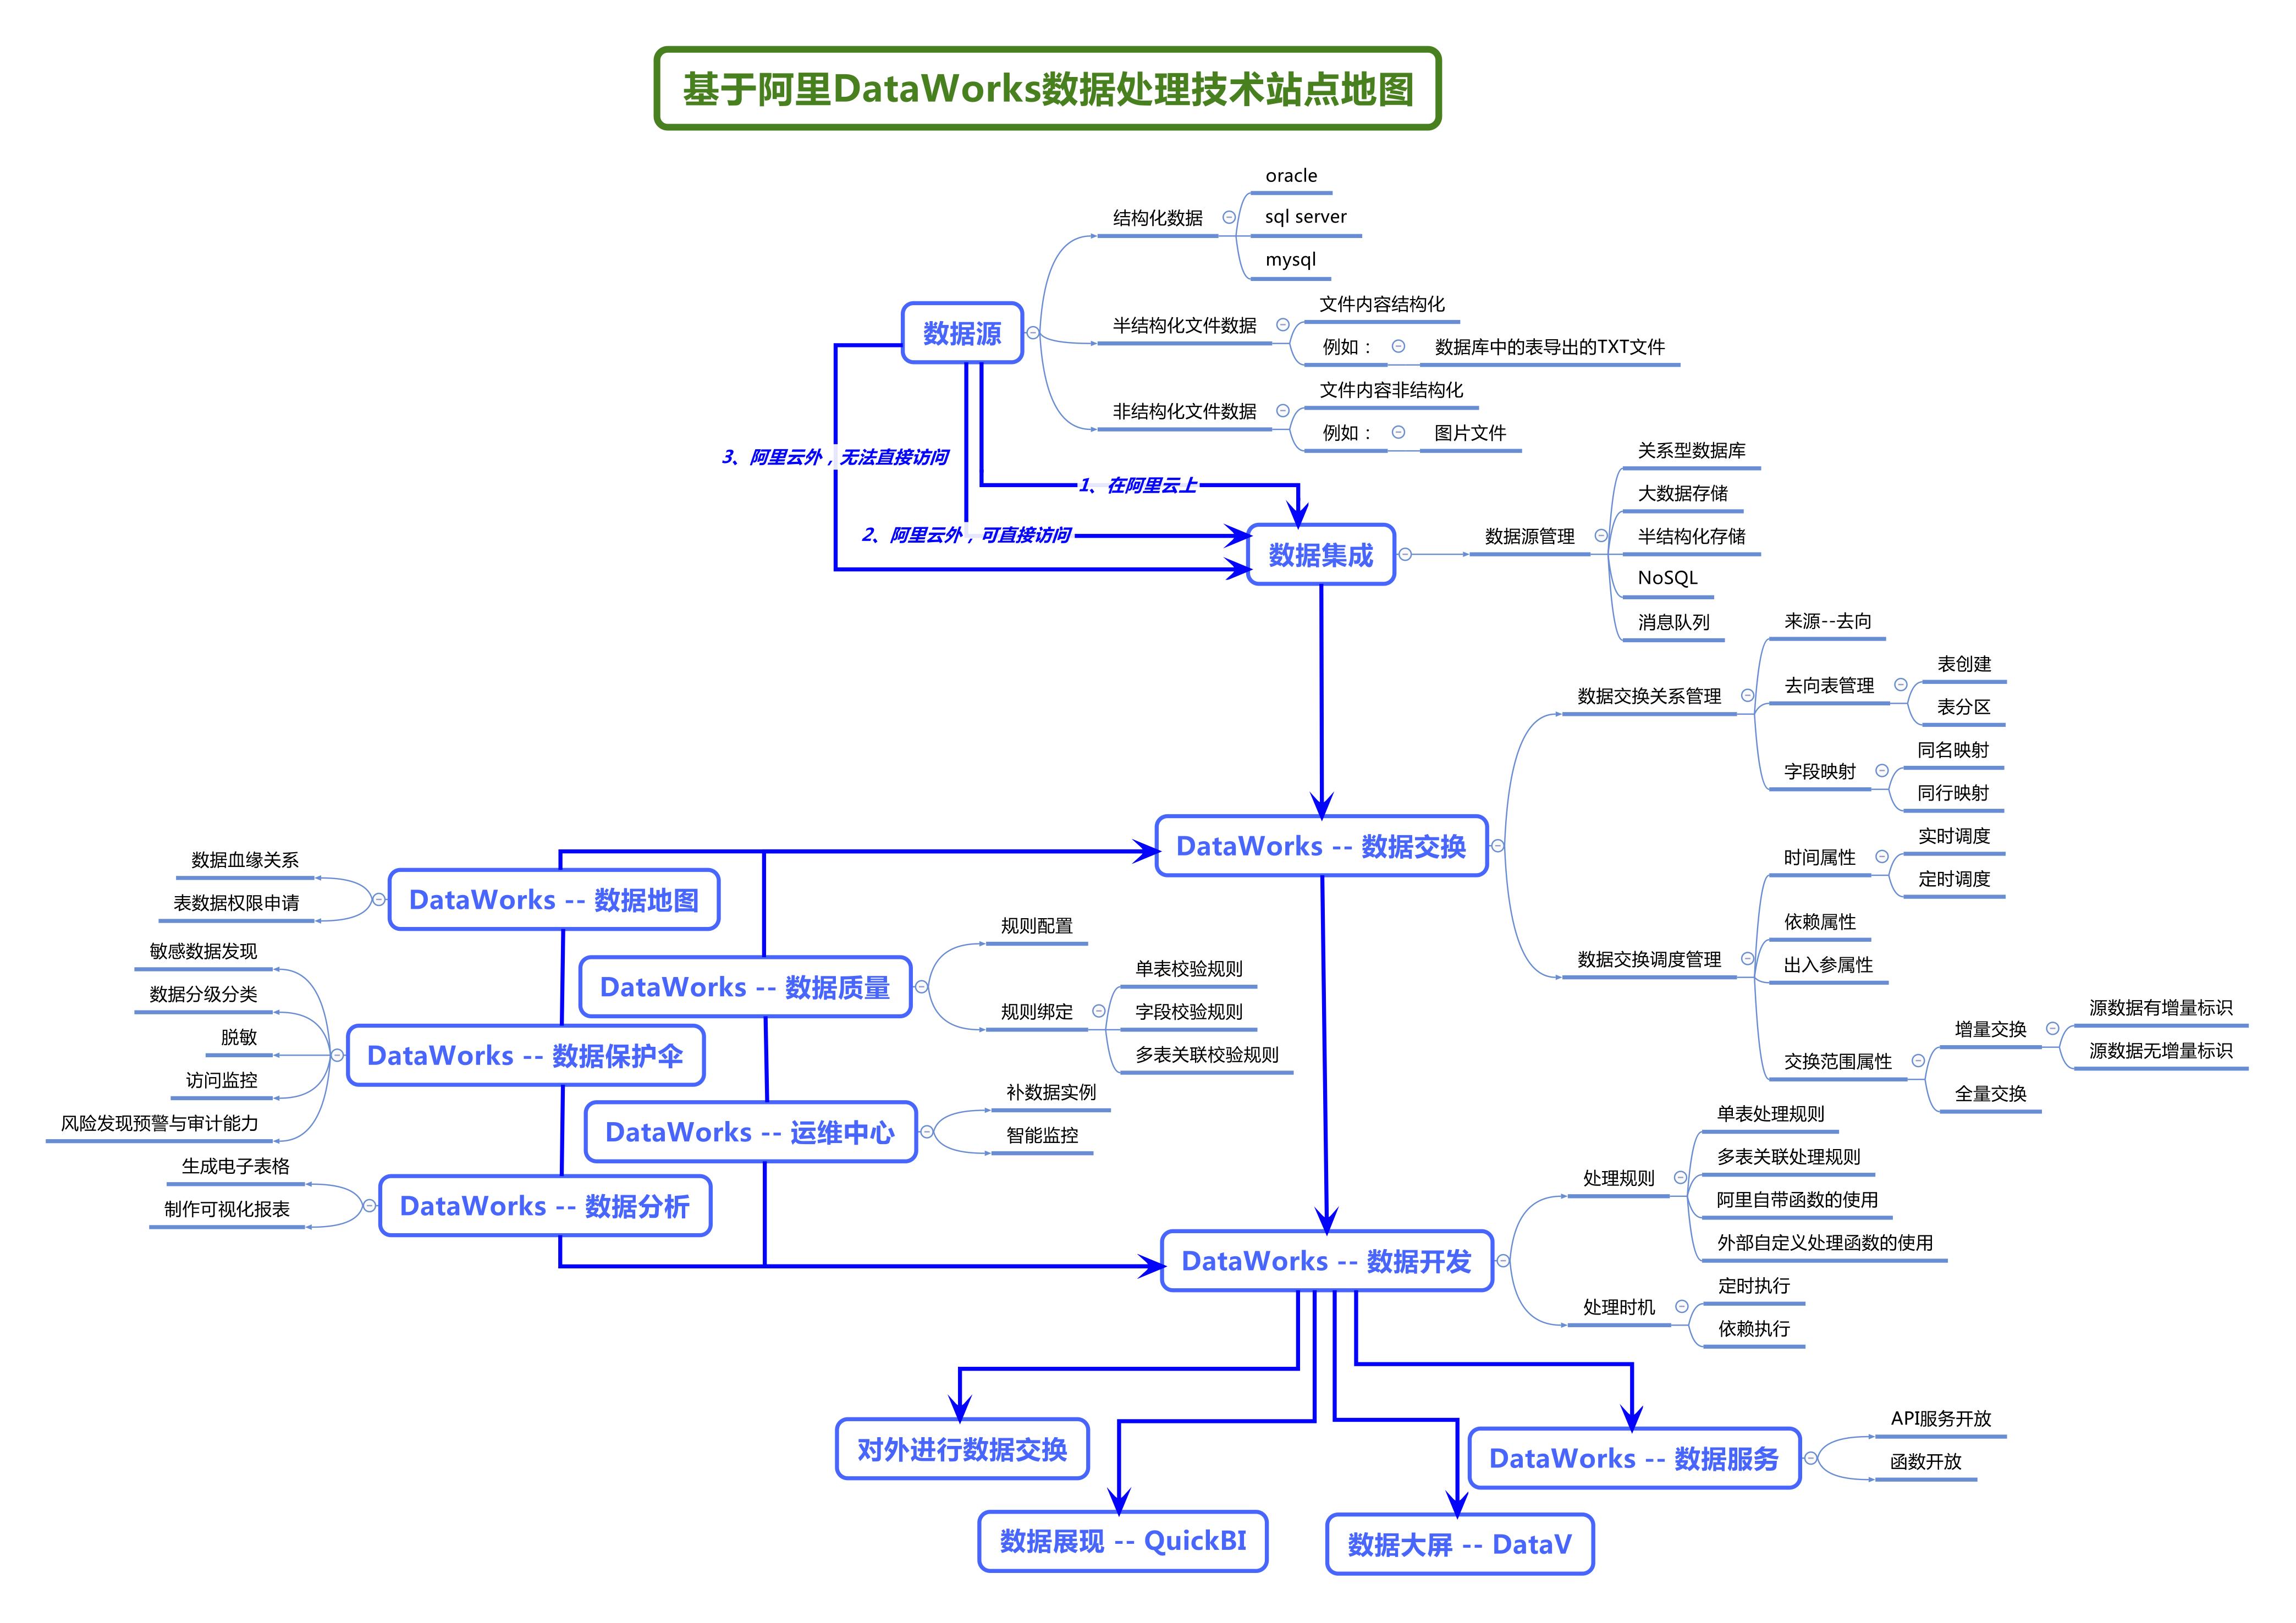 基于阿里DataWorks数据处理技术站点地图.png